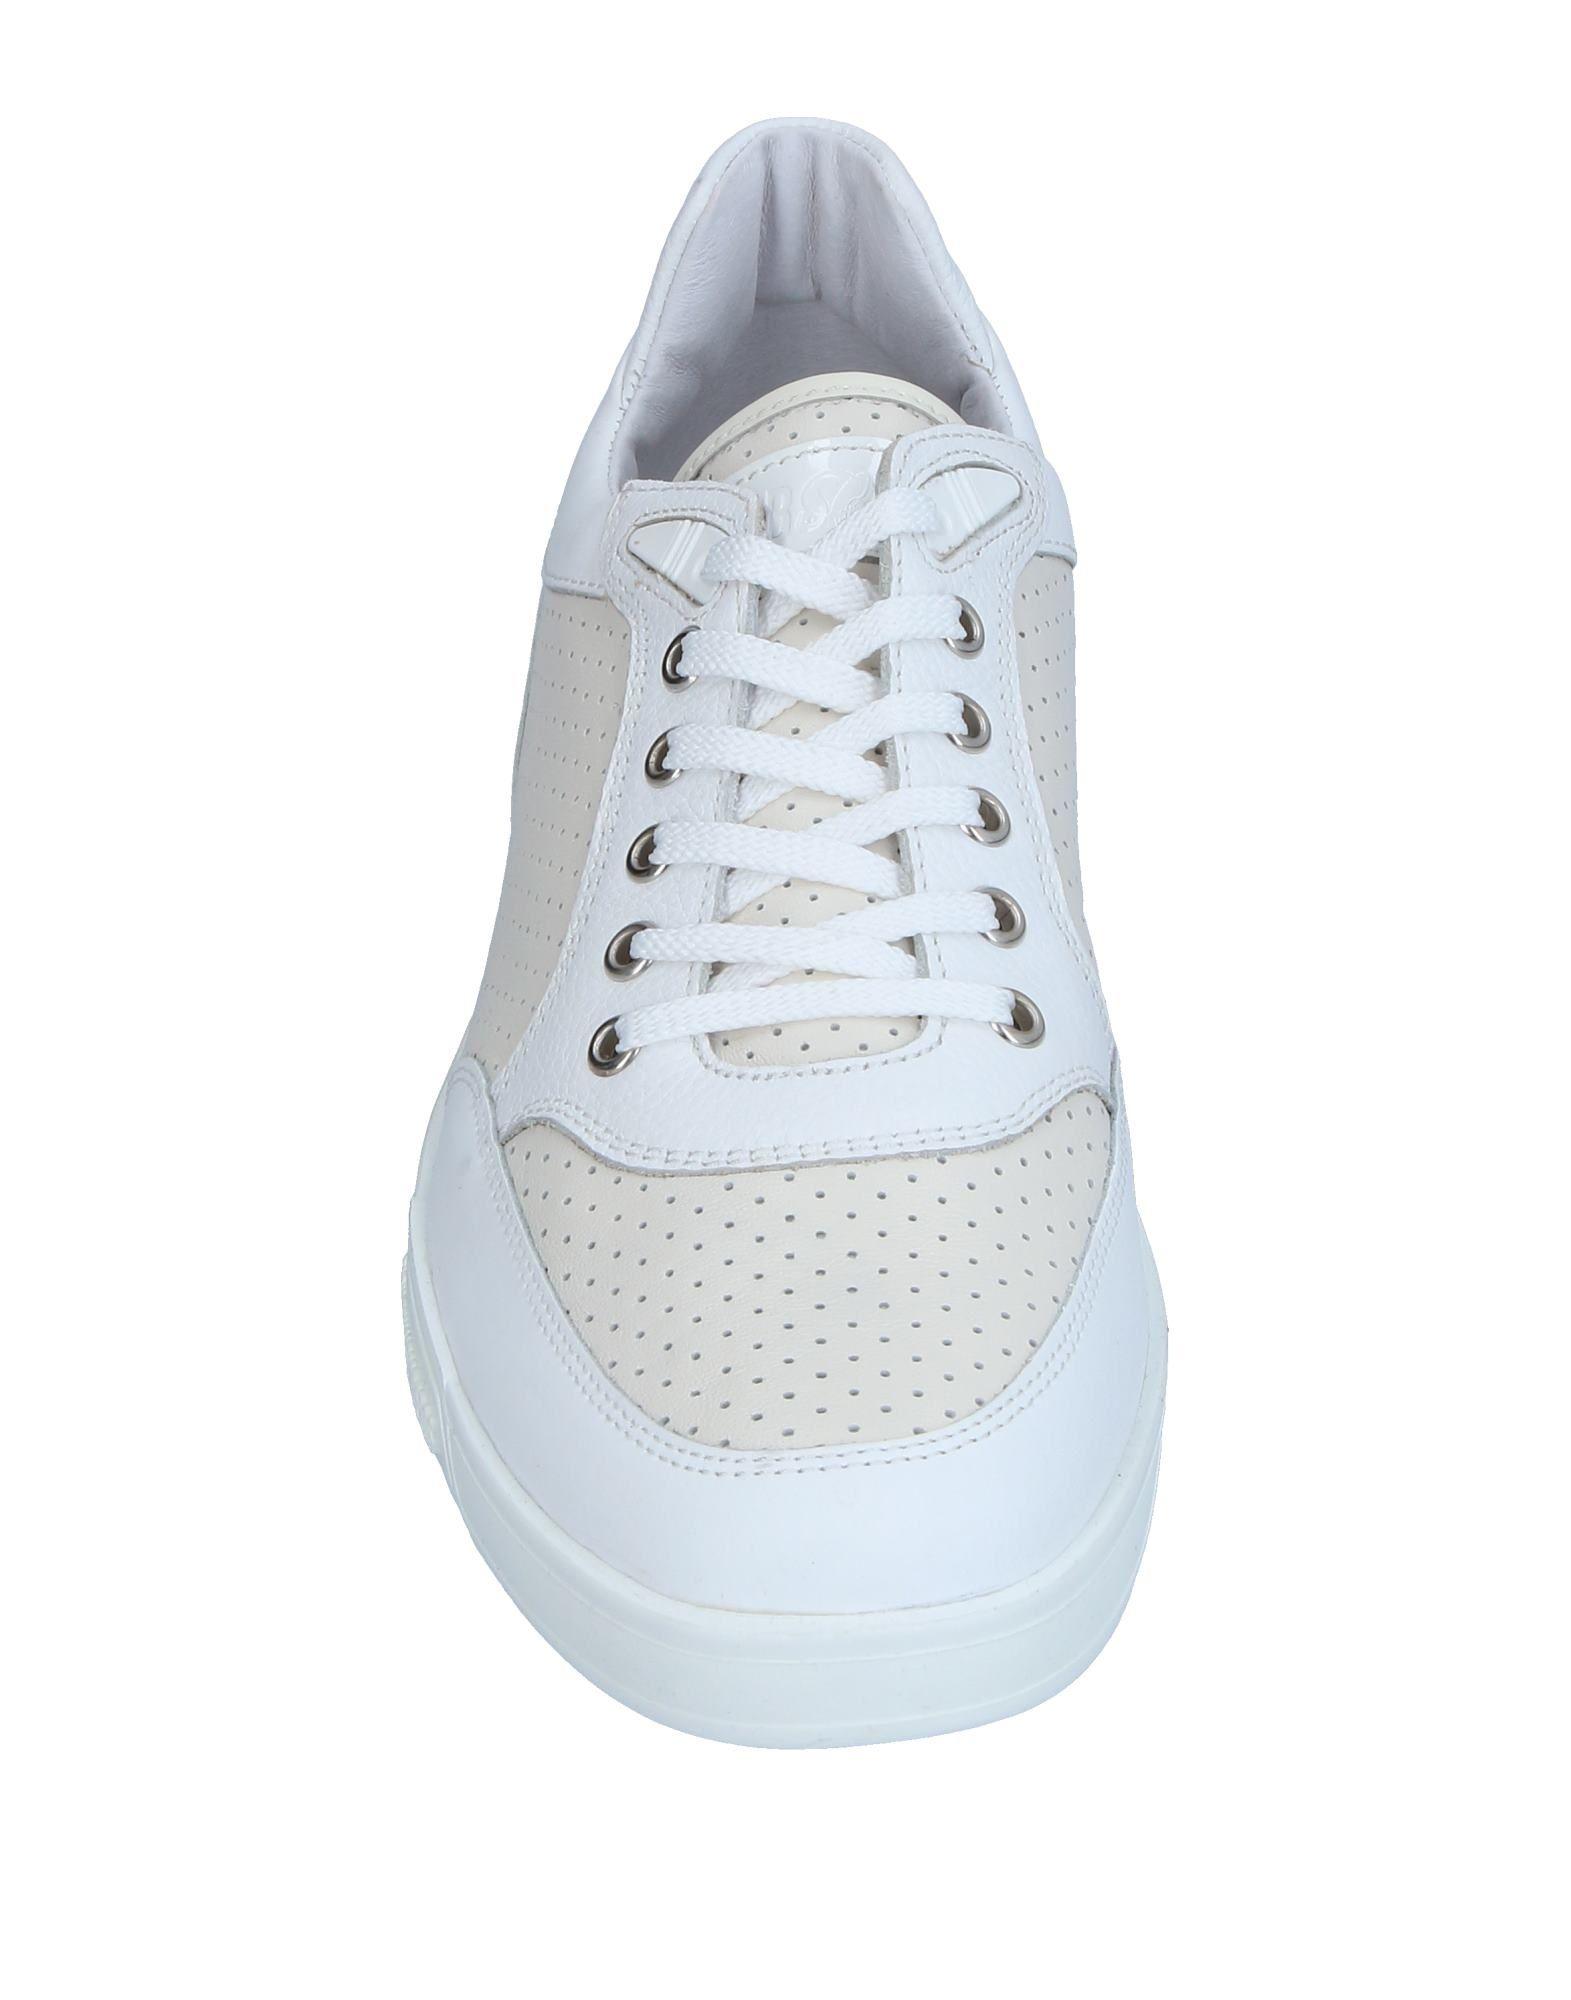 Dirk 11327295WU Bikkembergs Sneakers Herren  11327295WU Dirk a82459